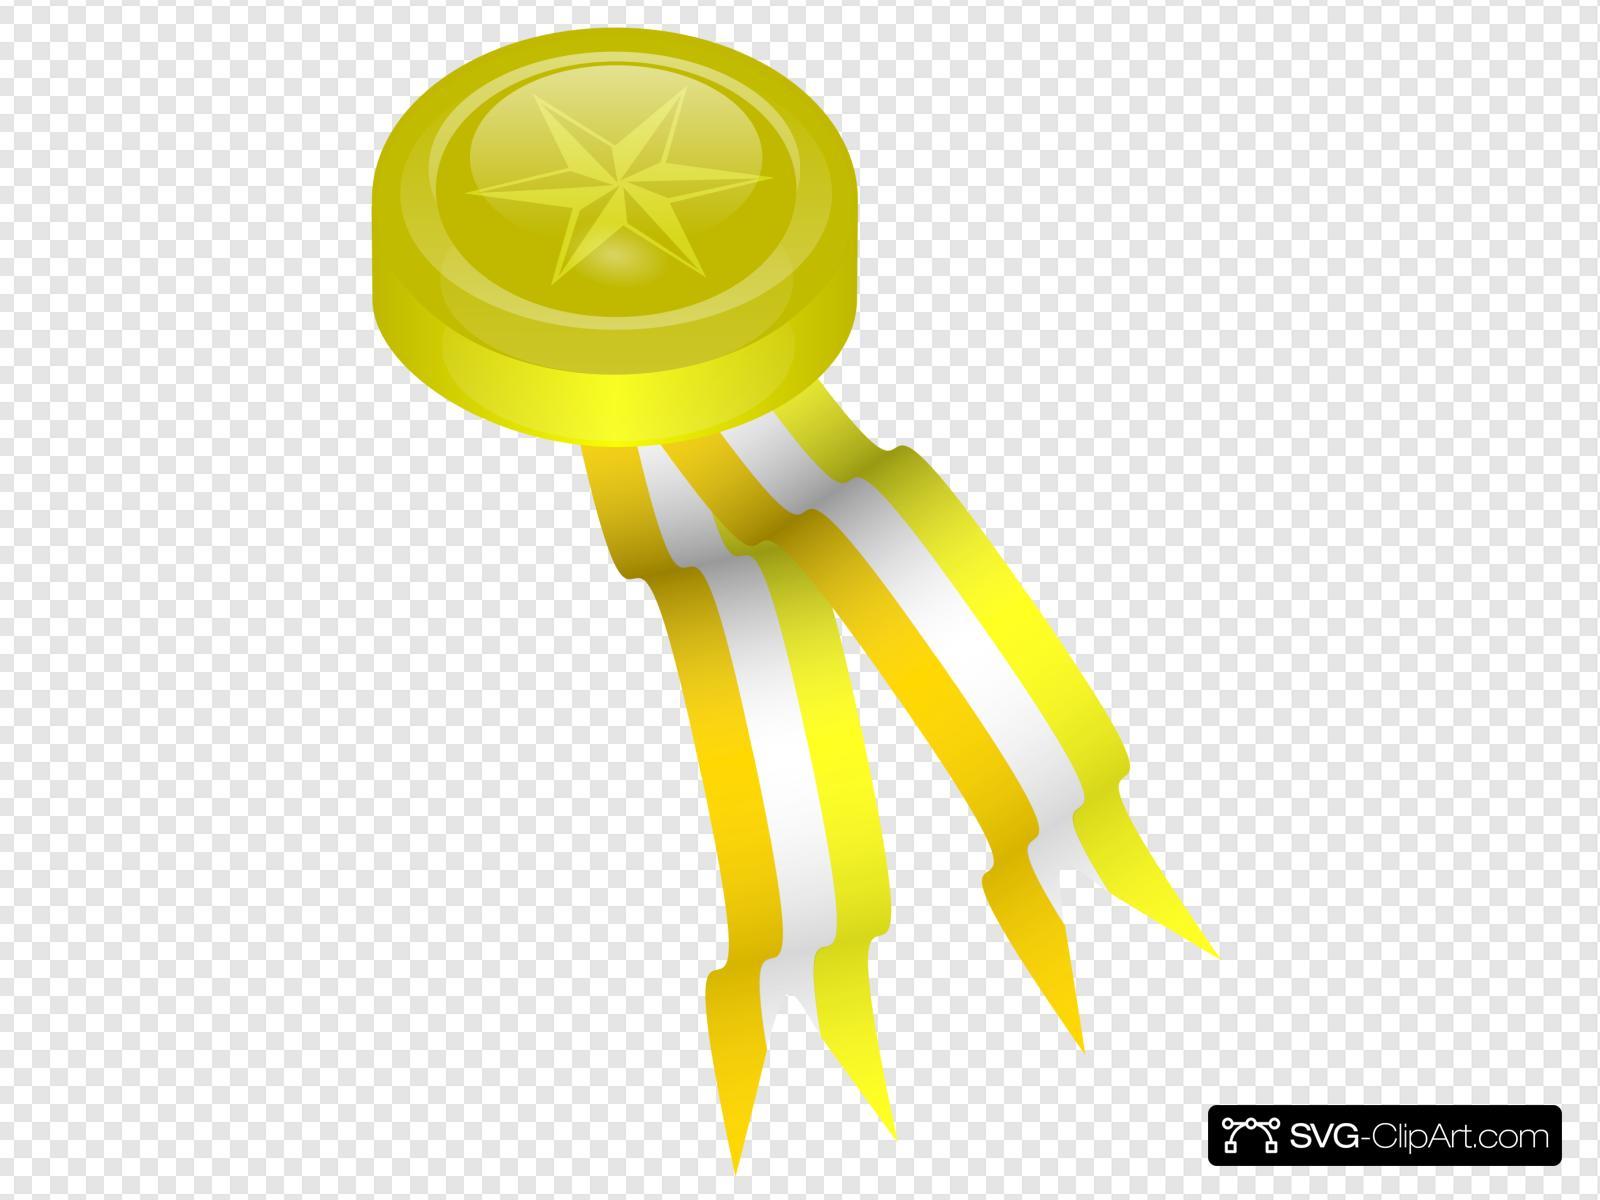 Gold medallion clipart svg black and white library Gold Medallion Clip art, Icon and SVG - SVG Clipart svg black and white library